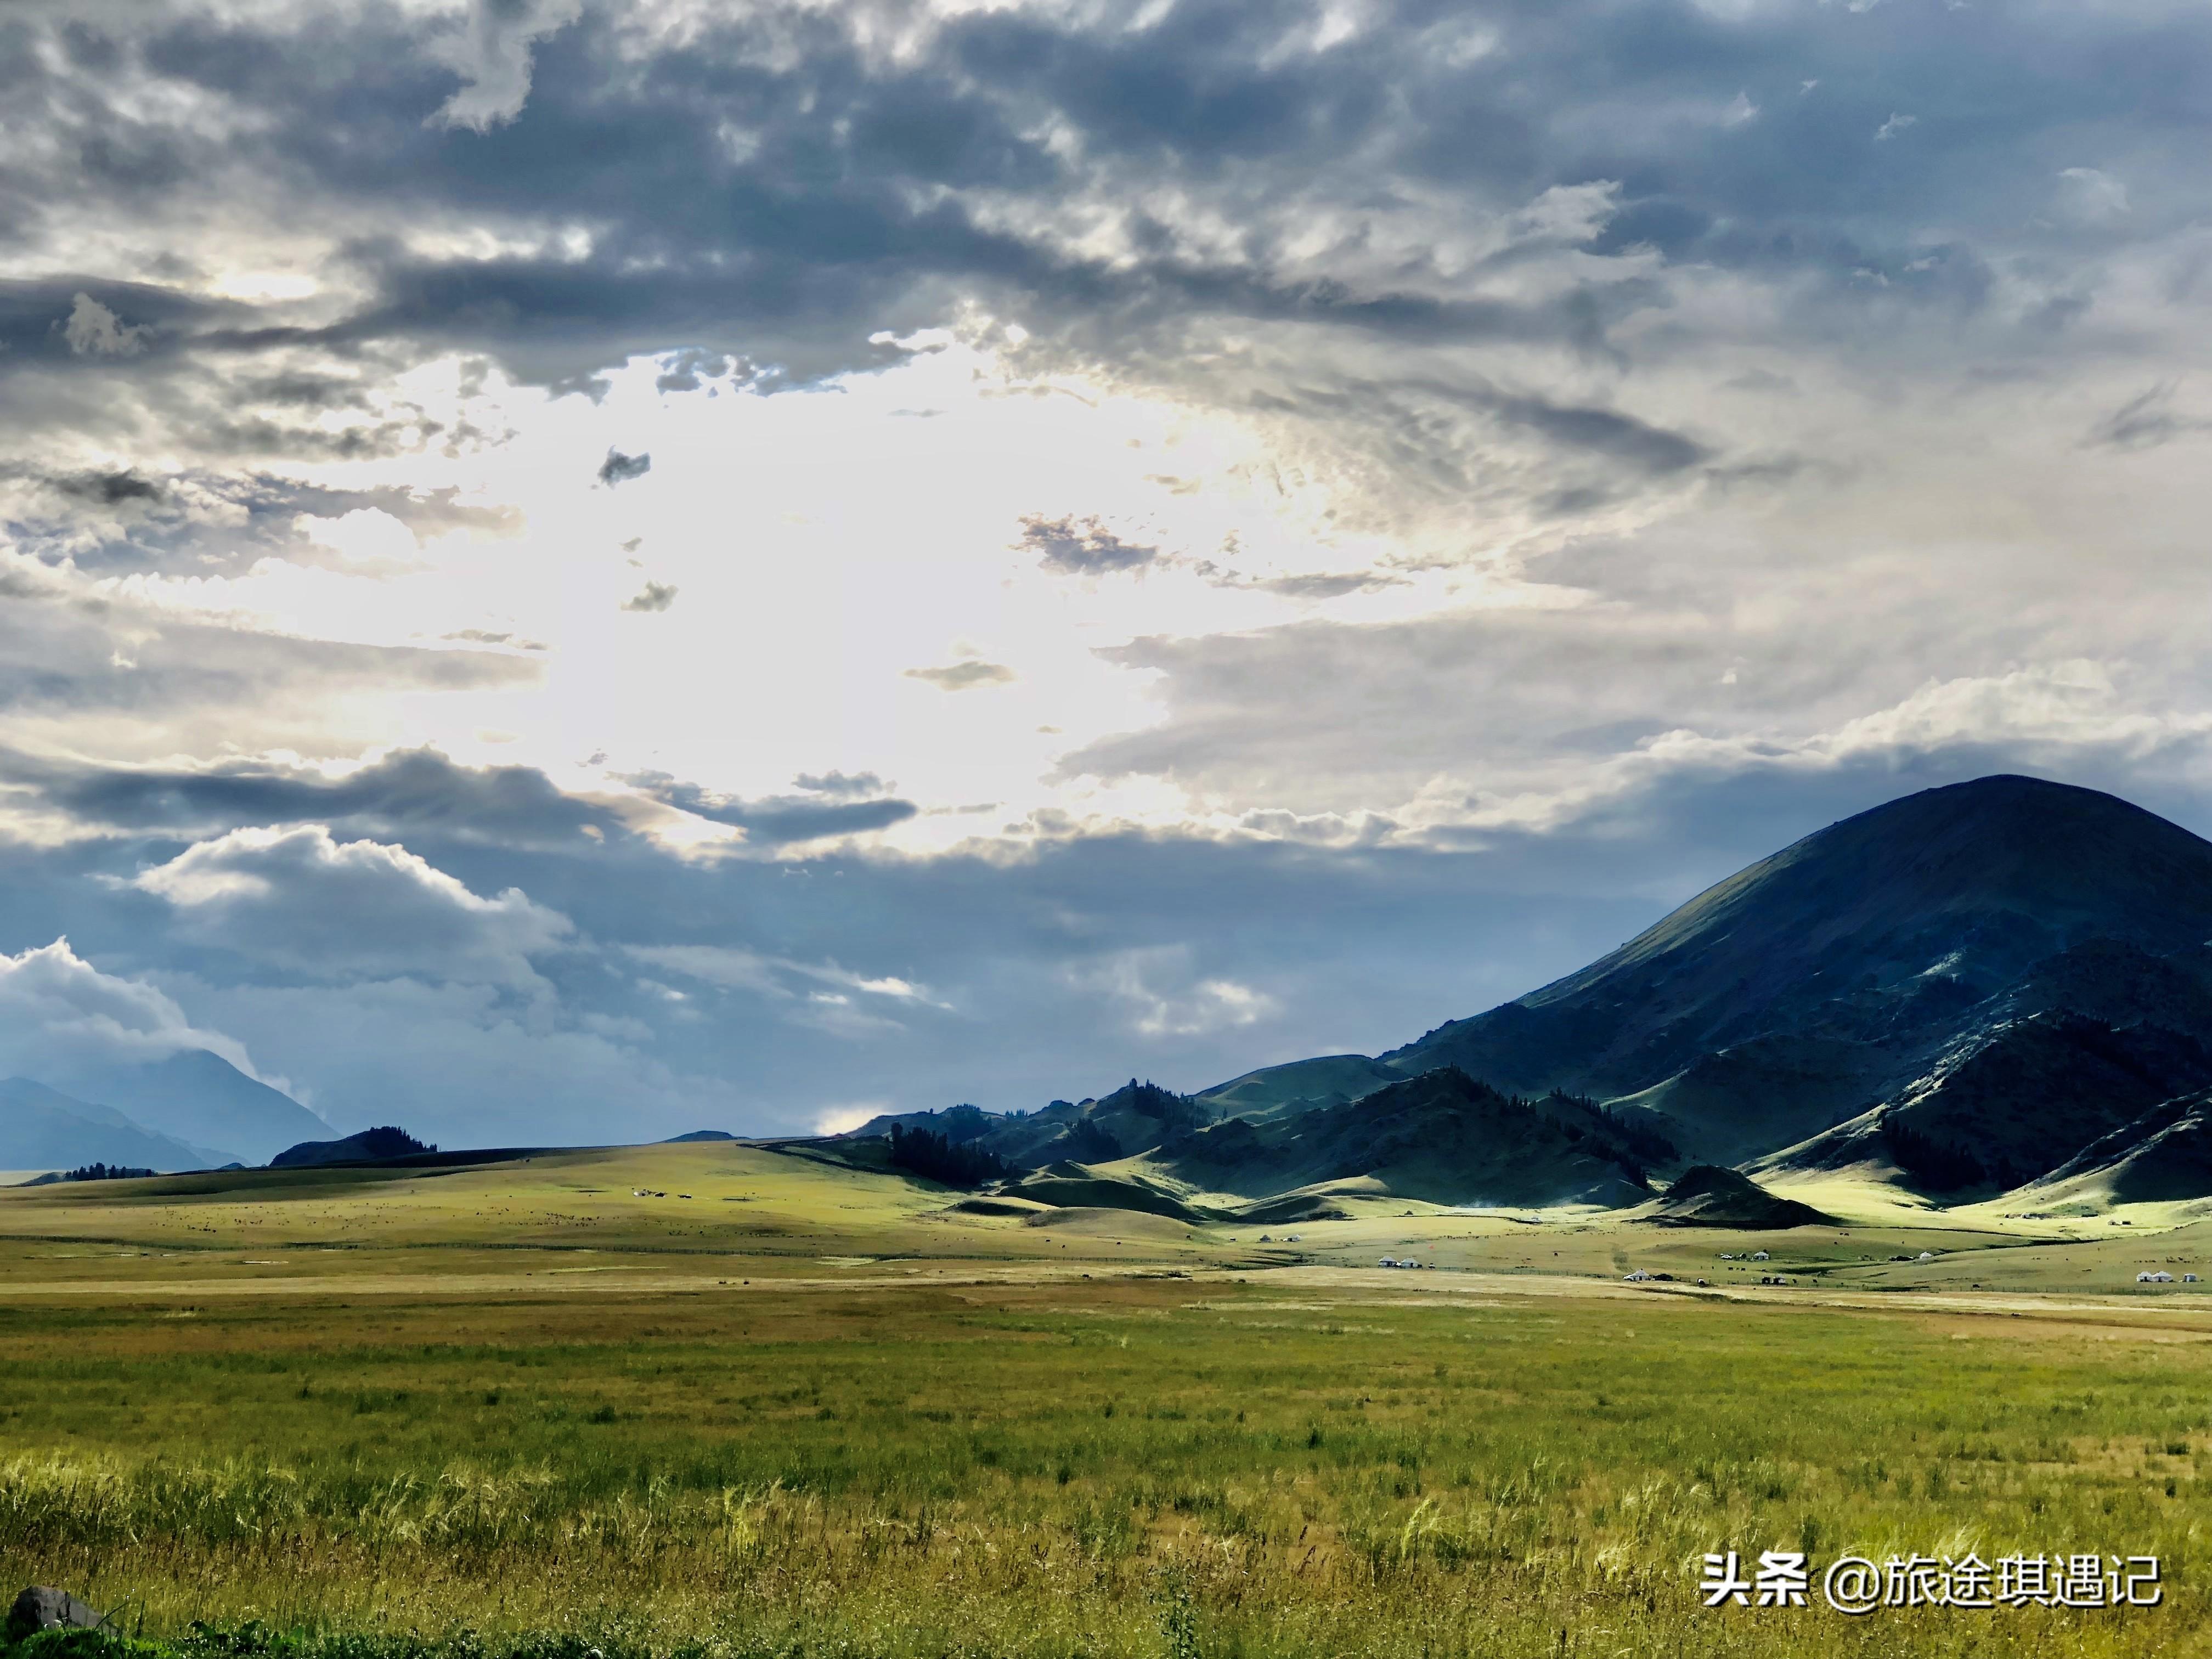 我国哪个省份适合长途旅行?有山有水美食众多,你都去过吗?